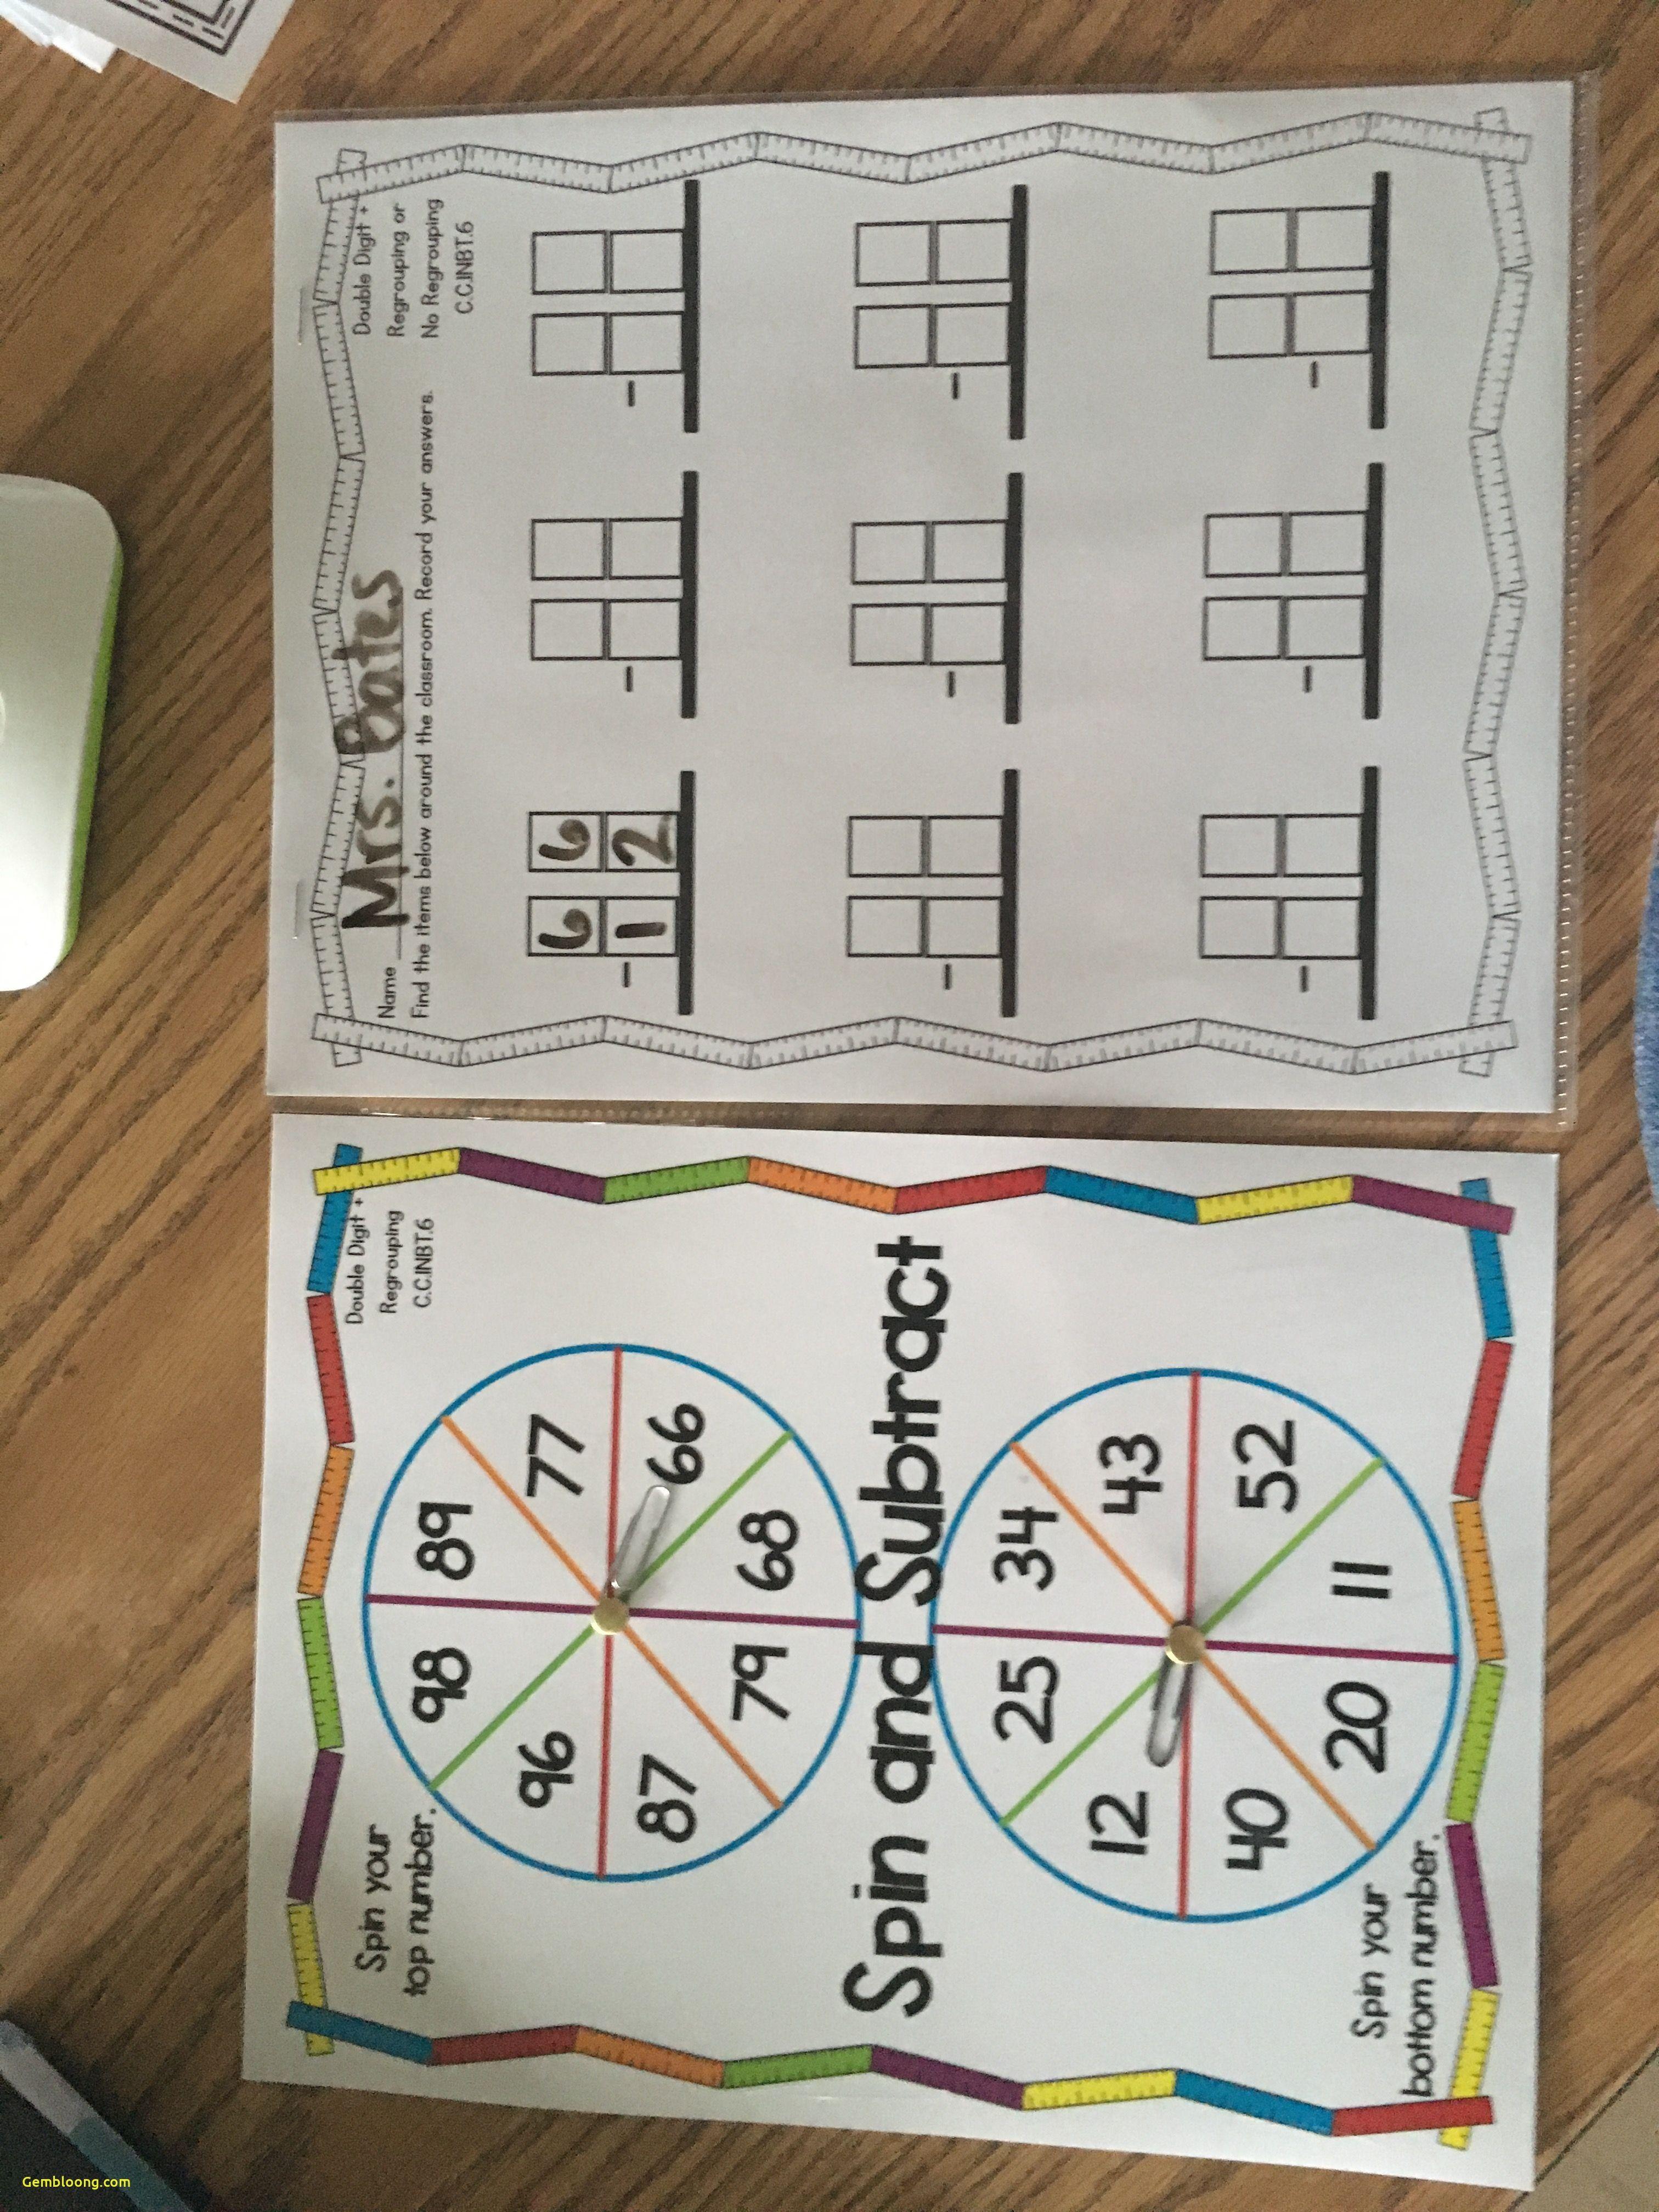 General 1st Grade Math Worksheets Addition Worksheet Printable 1st Grade Math Worksheets Math Addition Worksheets 1st Grade Math